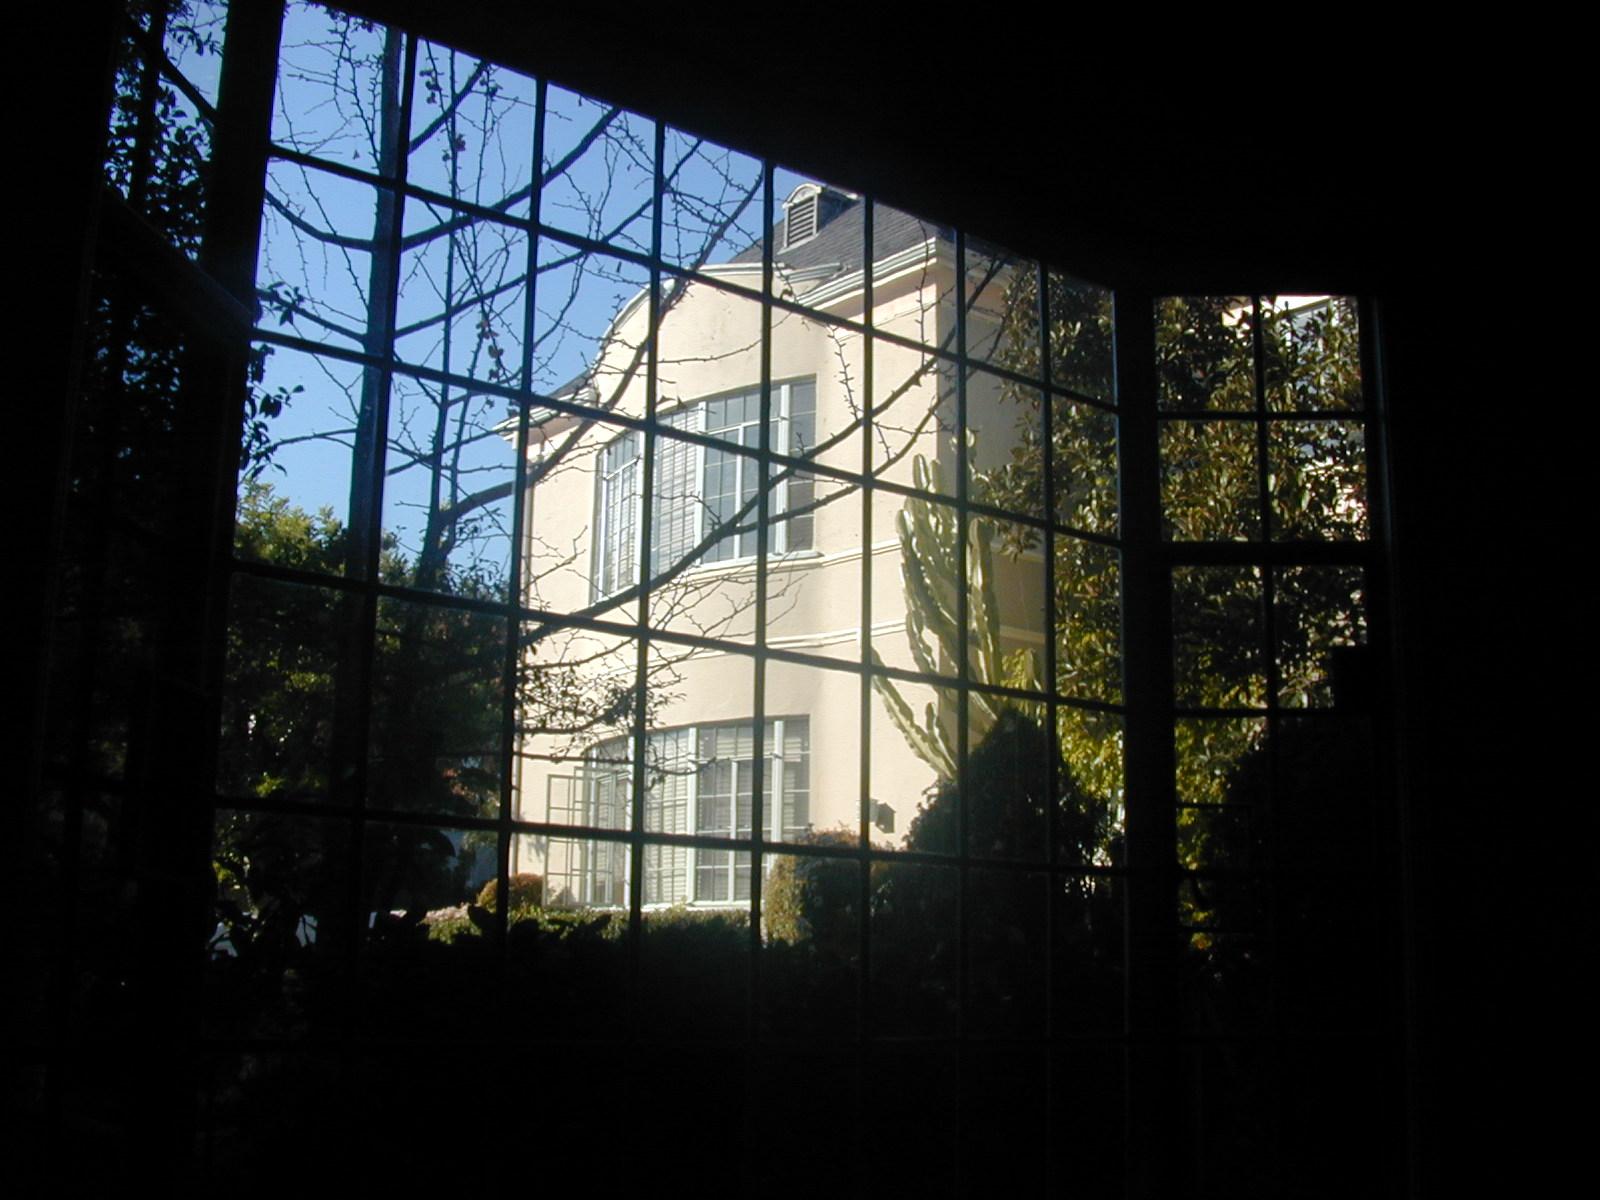 > Chateau Los Feliz, 1944 North Kenmore Av, huge lower @ $2,850.